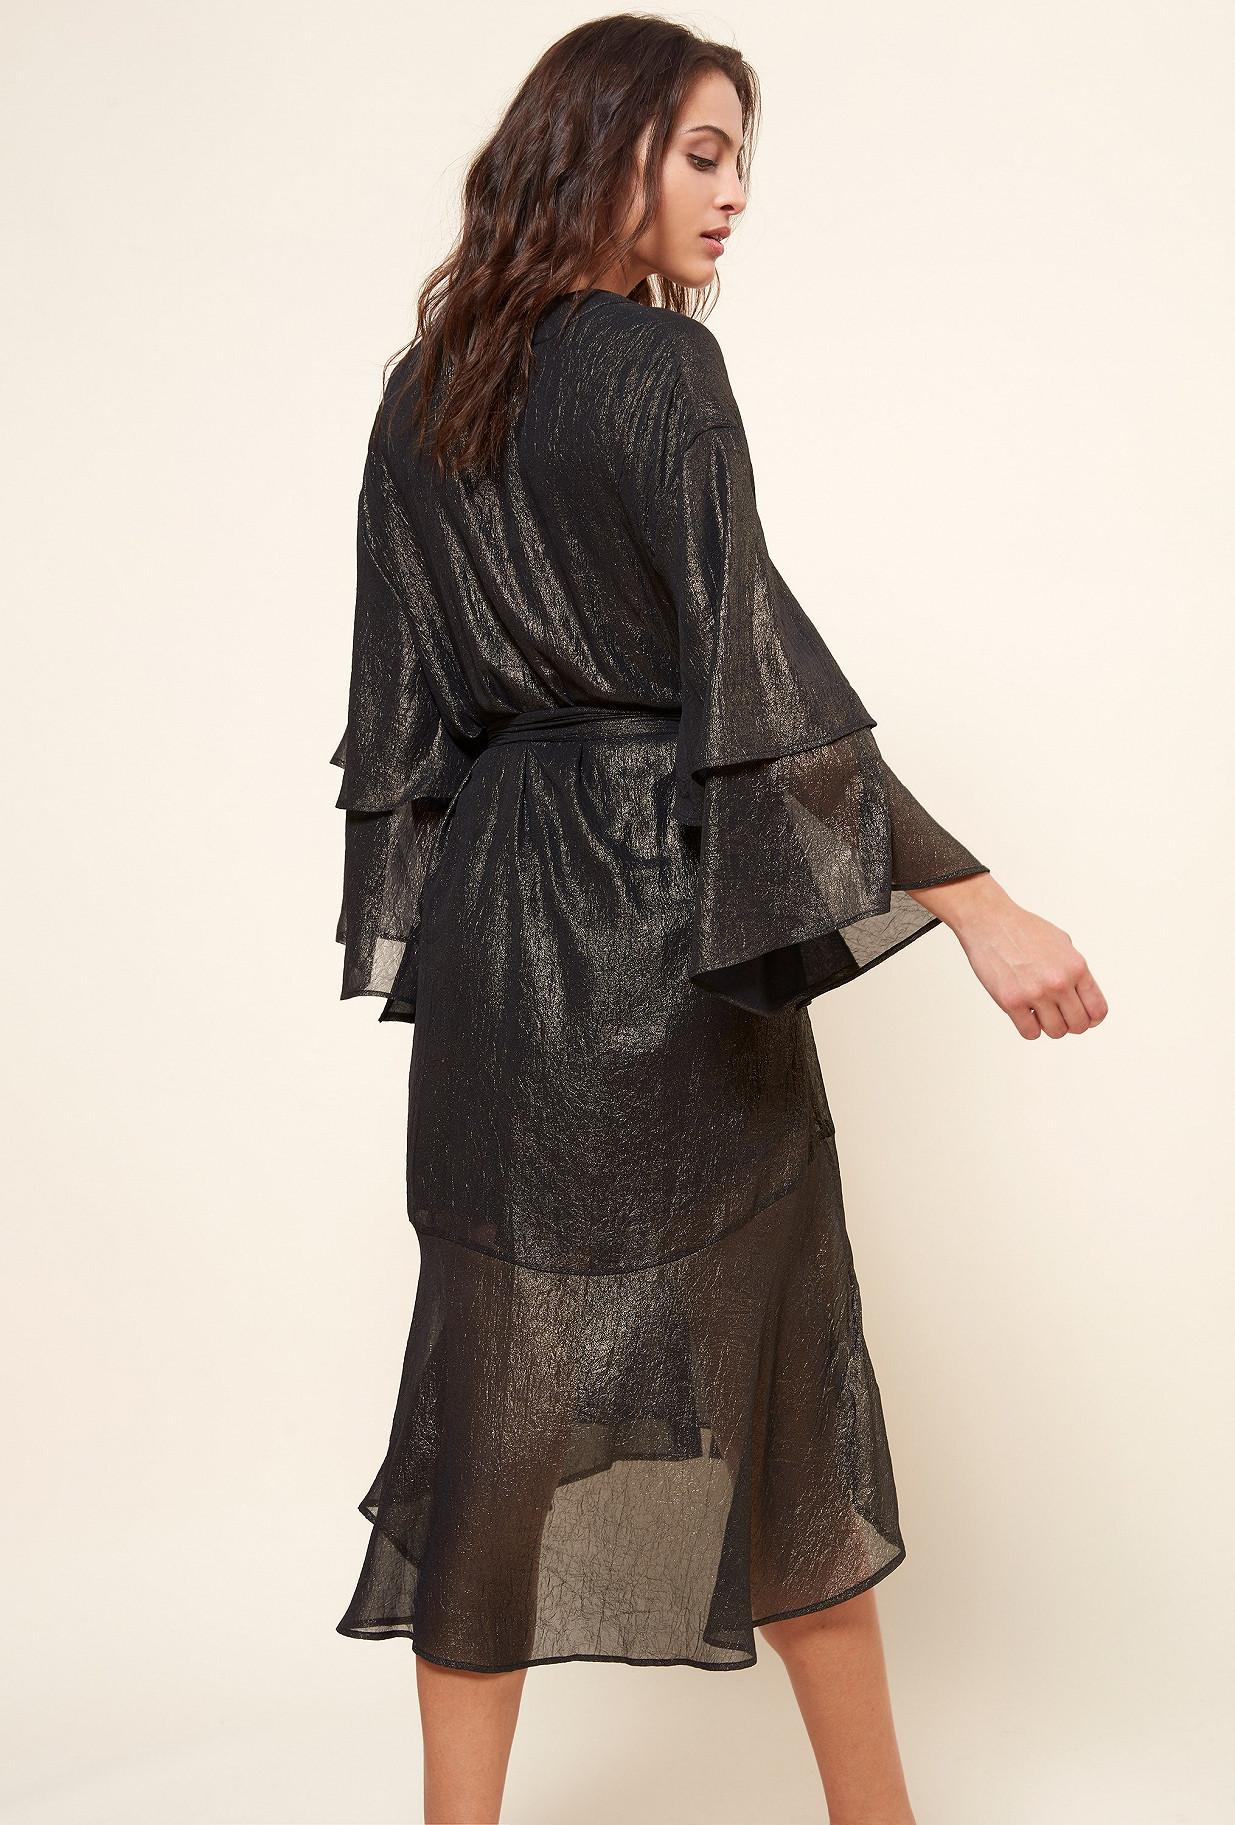 Bronze  KIMONO  Reflexion Mes demoiselles fashion clothes designer Paris